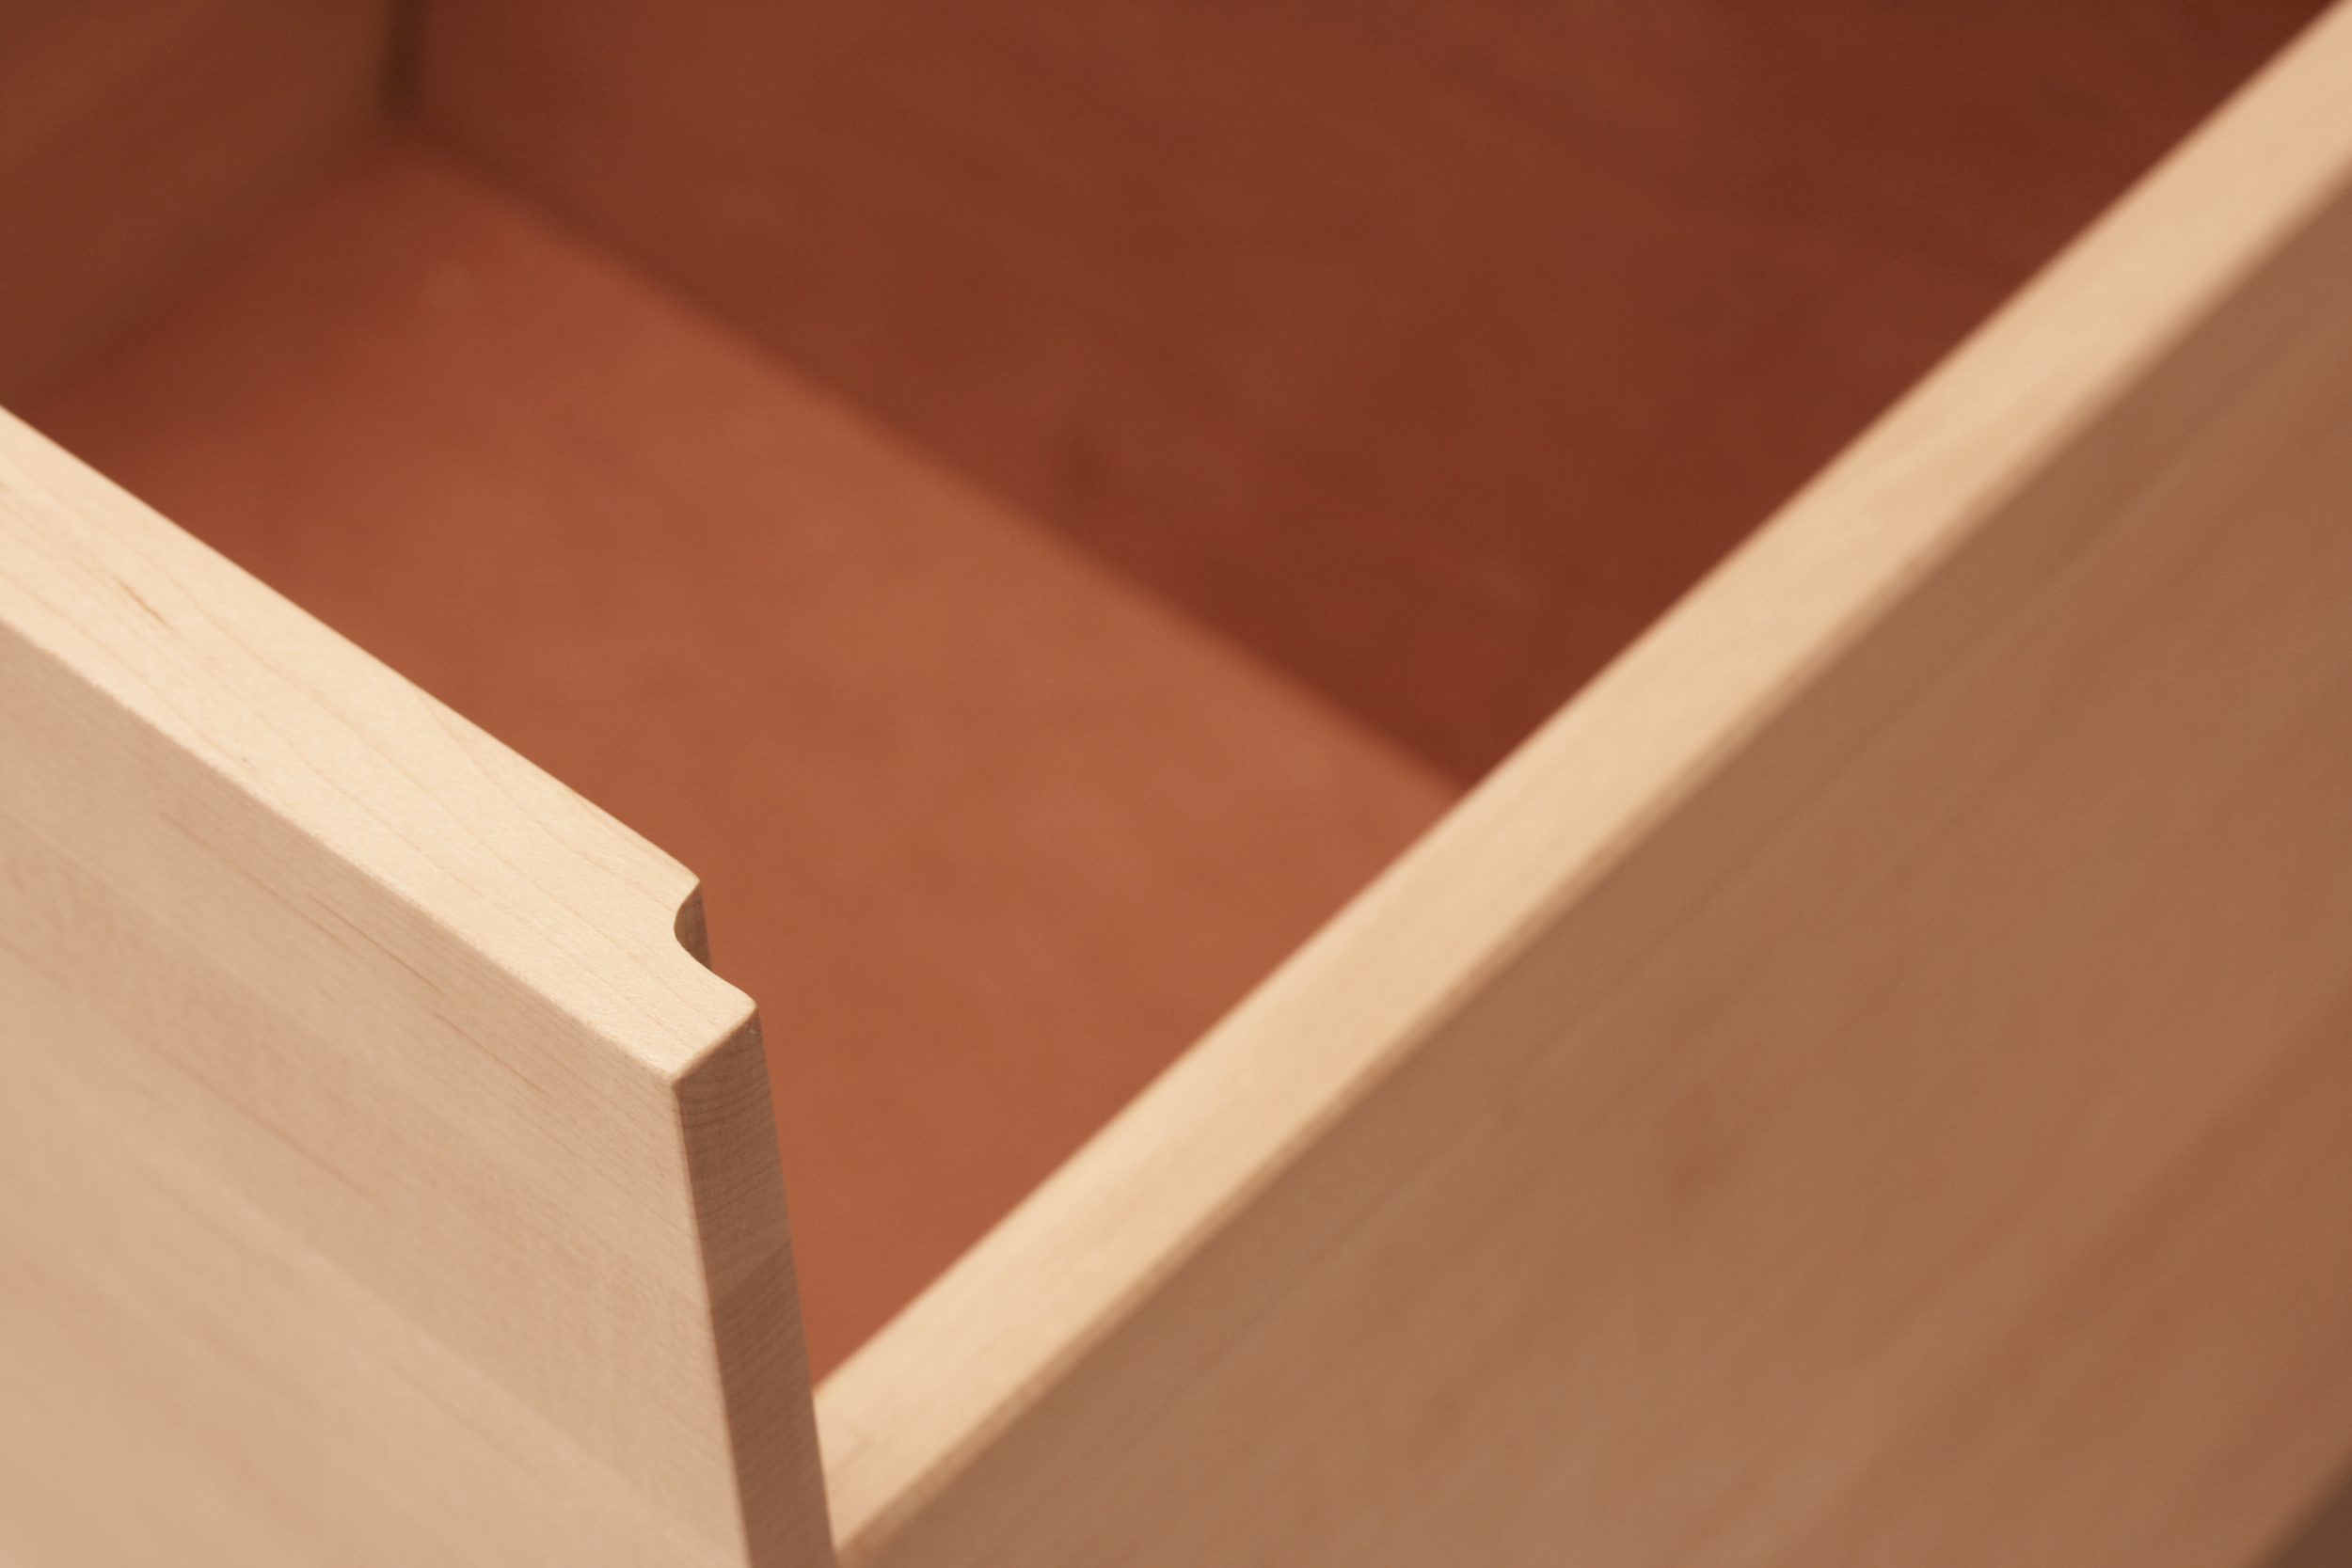 reed cabinet drawer detail.jpg